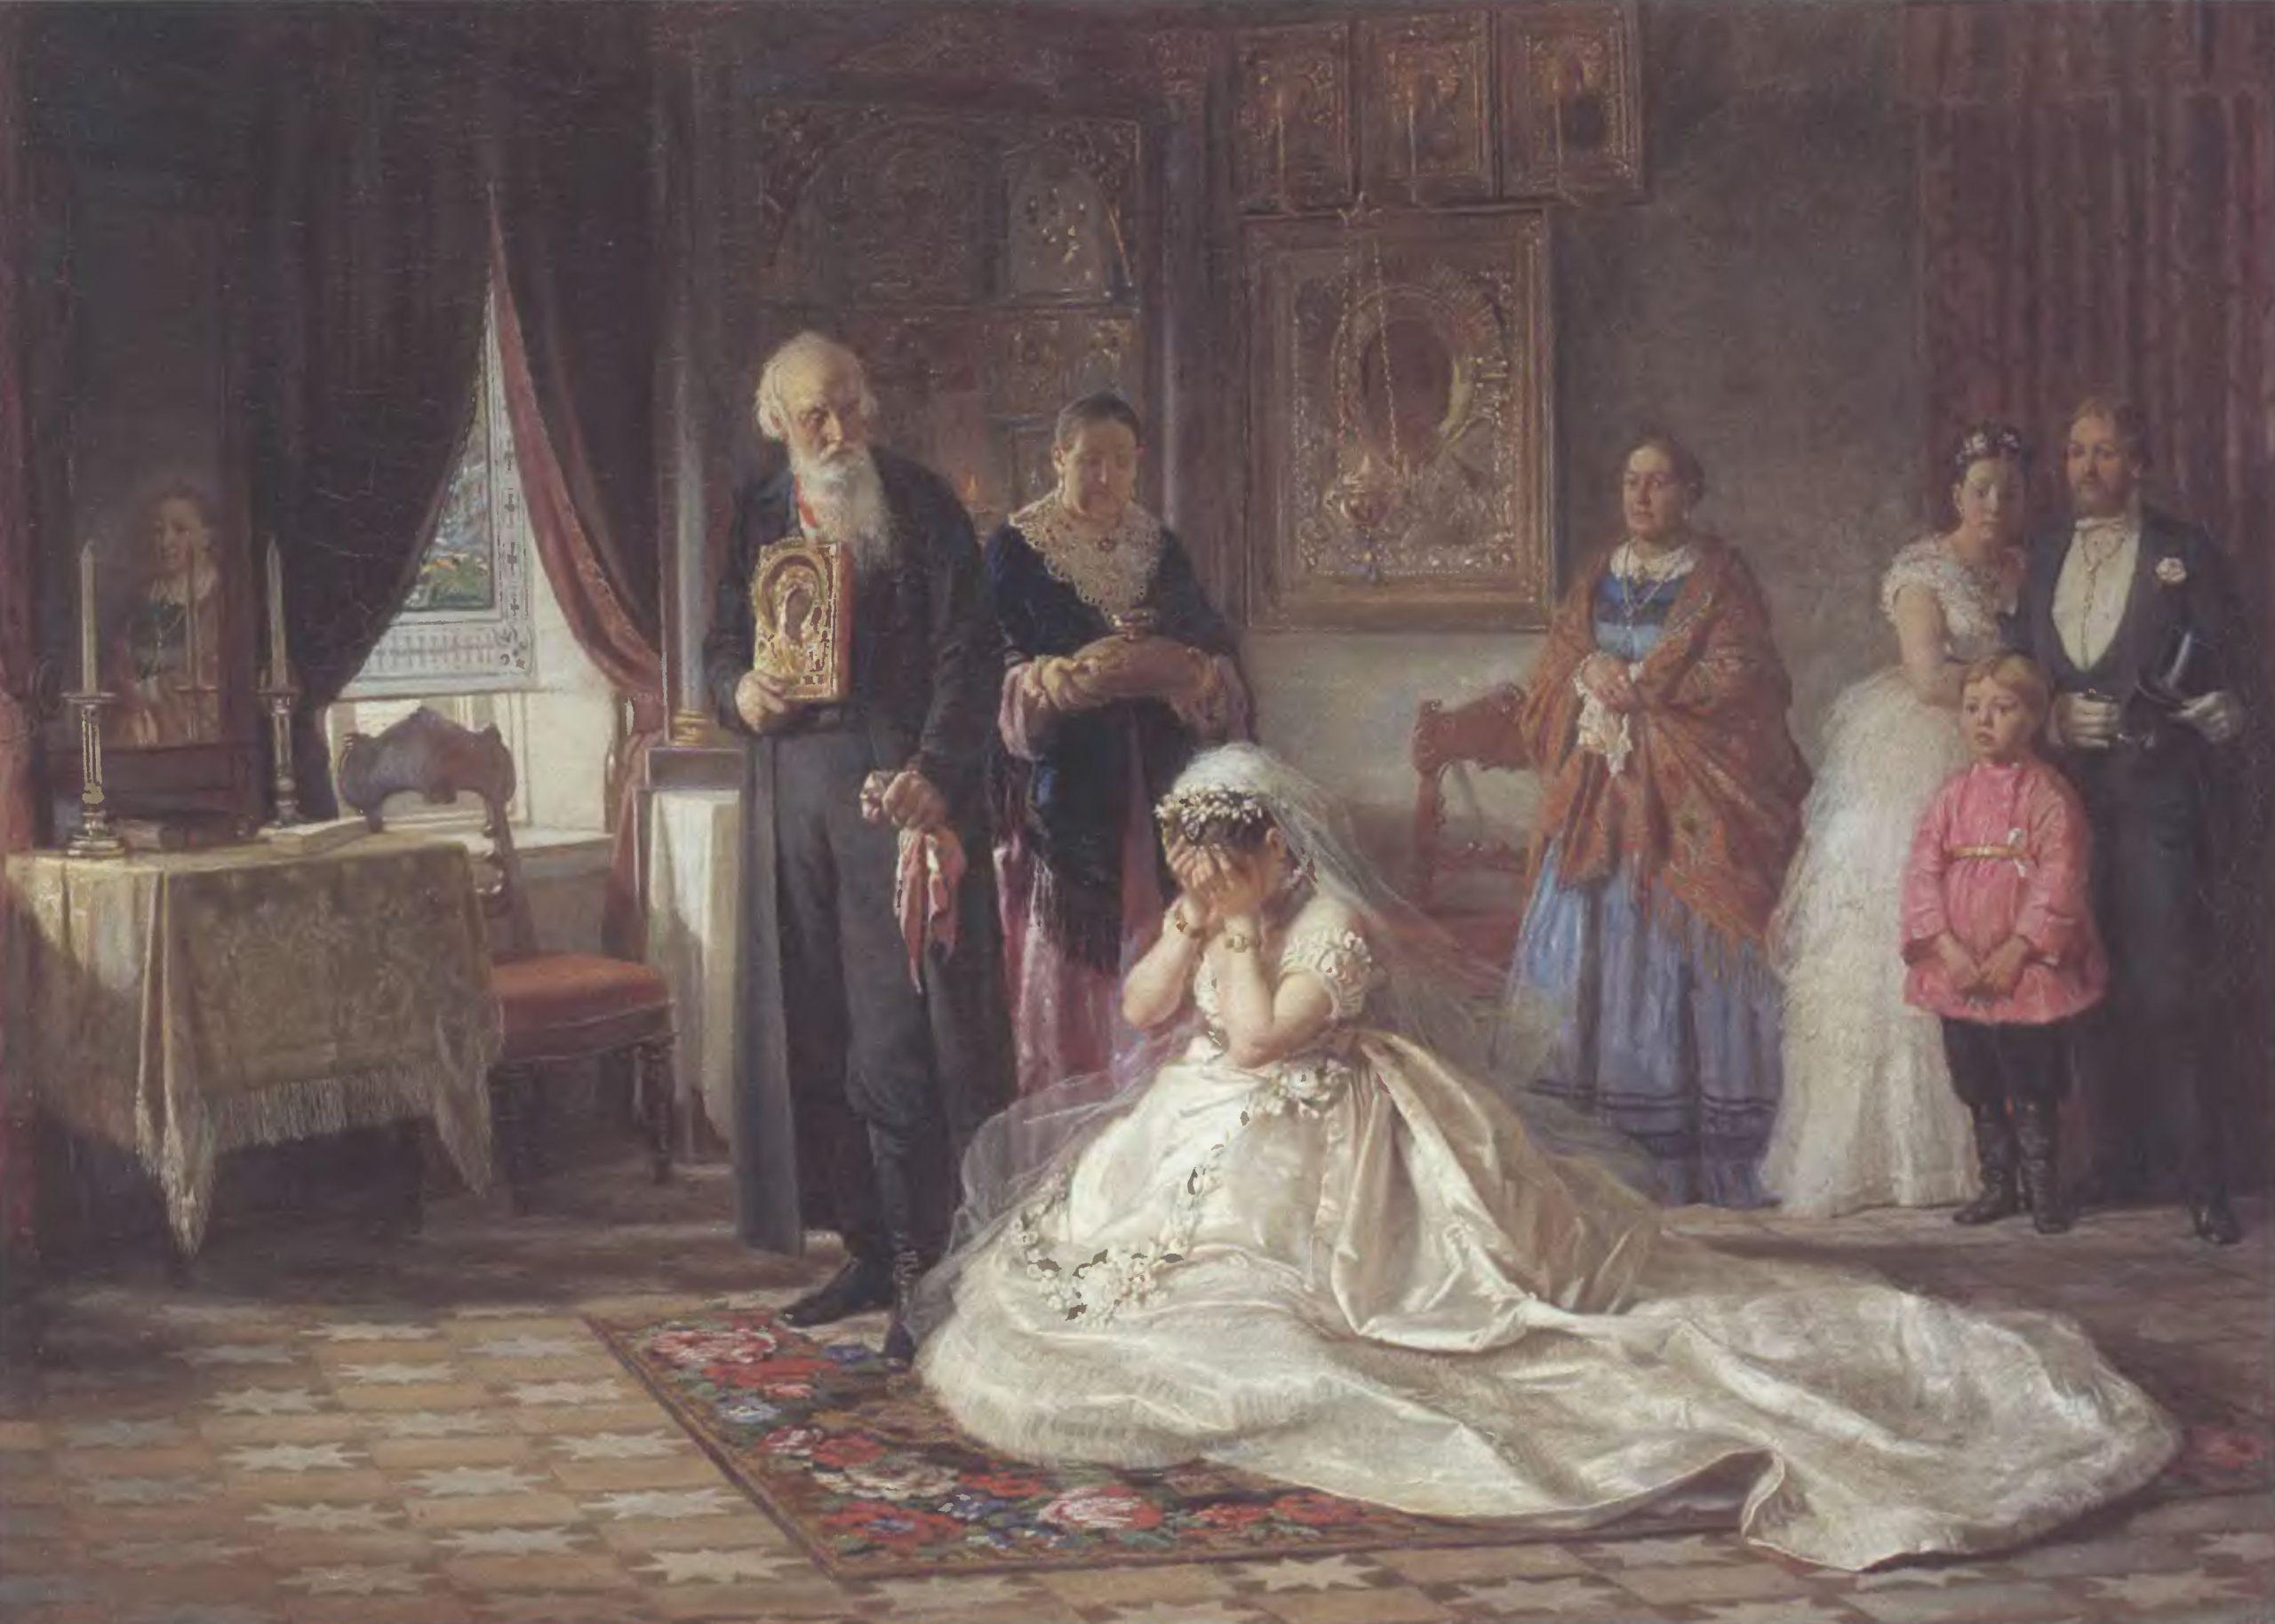 ФИРС ЖУРАВЛЕВ. Перед венцом. 1874 Холст, масло. 105 х 143 см. Государственная Третьяковская галерея